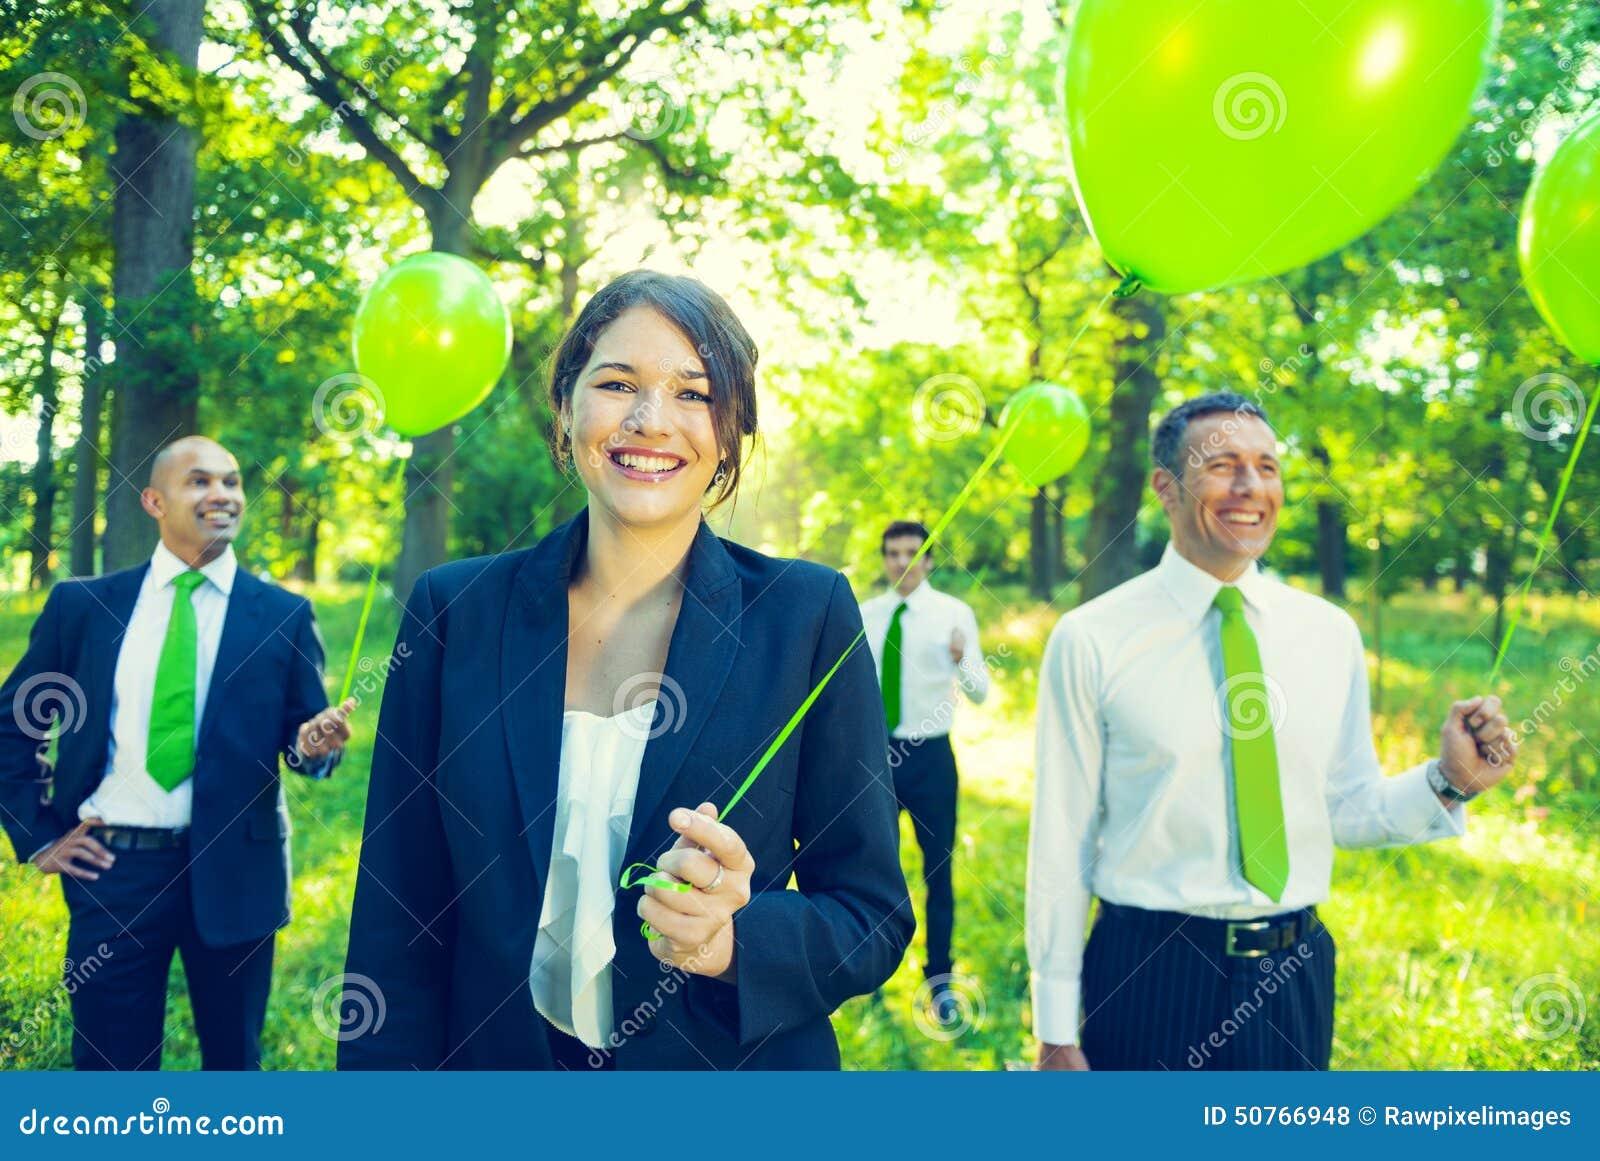 绿色企业队不伤环境的概念